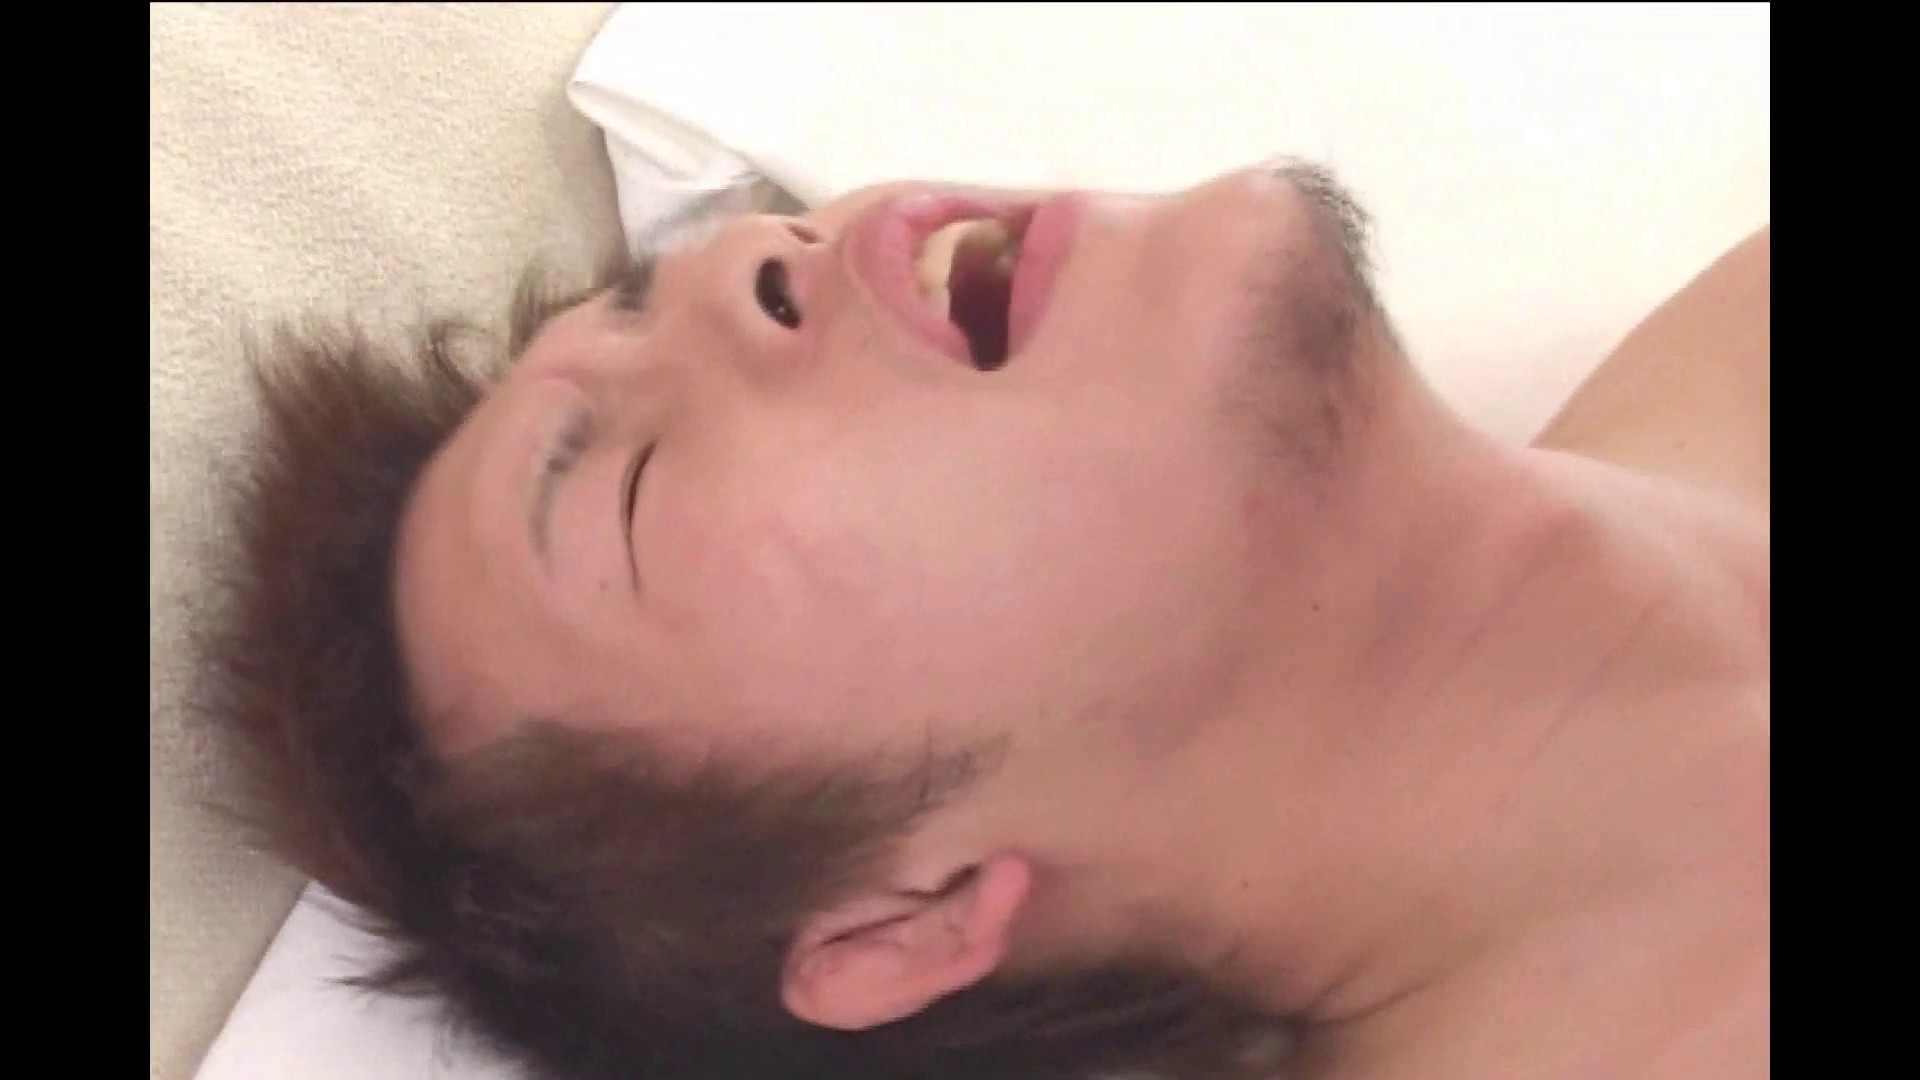 イケイケMEN'SCLUB vol.30後半 手淫 | エロ動画 AV動画 102枚 93